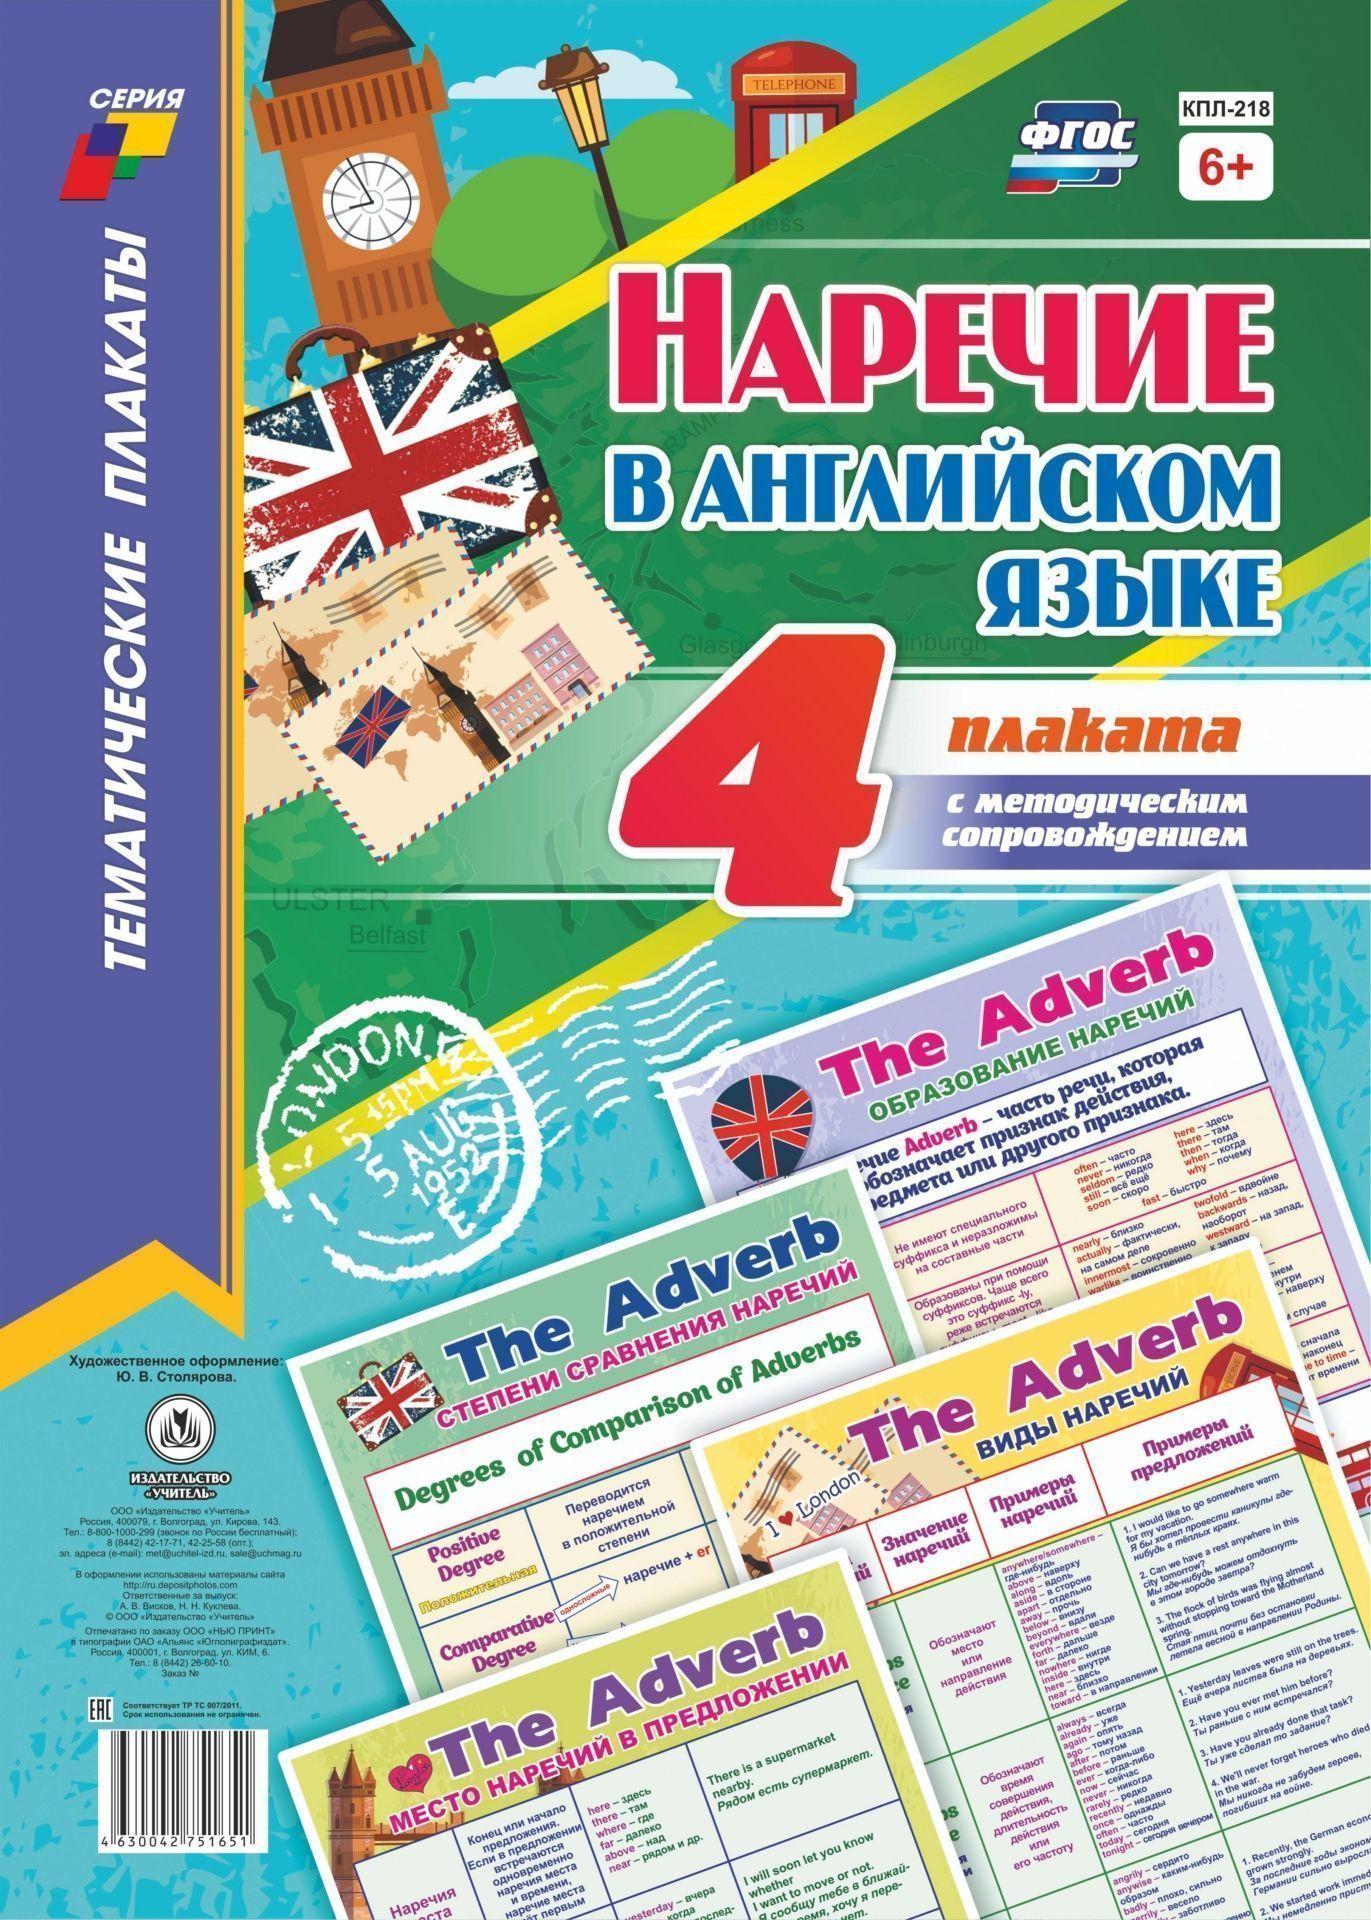 """Купить со скидкой Комплект плакатов. """"Наречие в английском языке"""": 4 плаката (формата А3) с методическим сопровождение"""